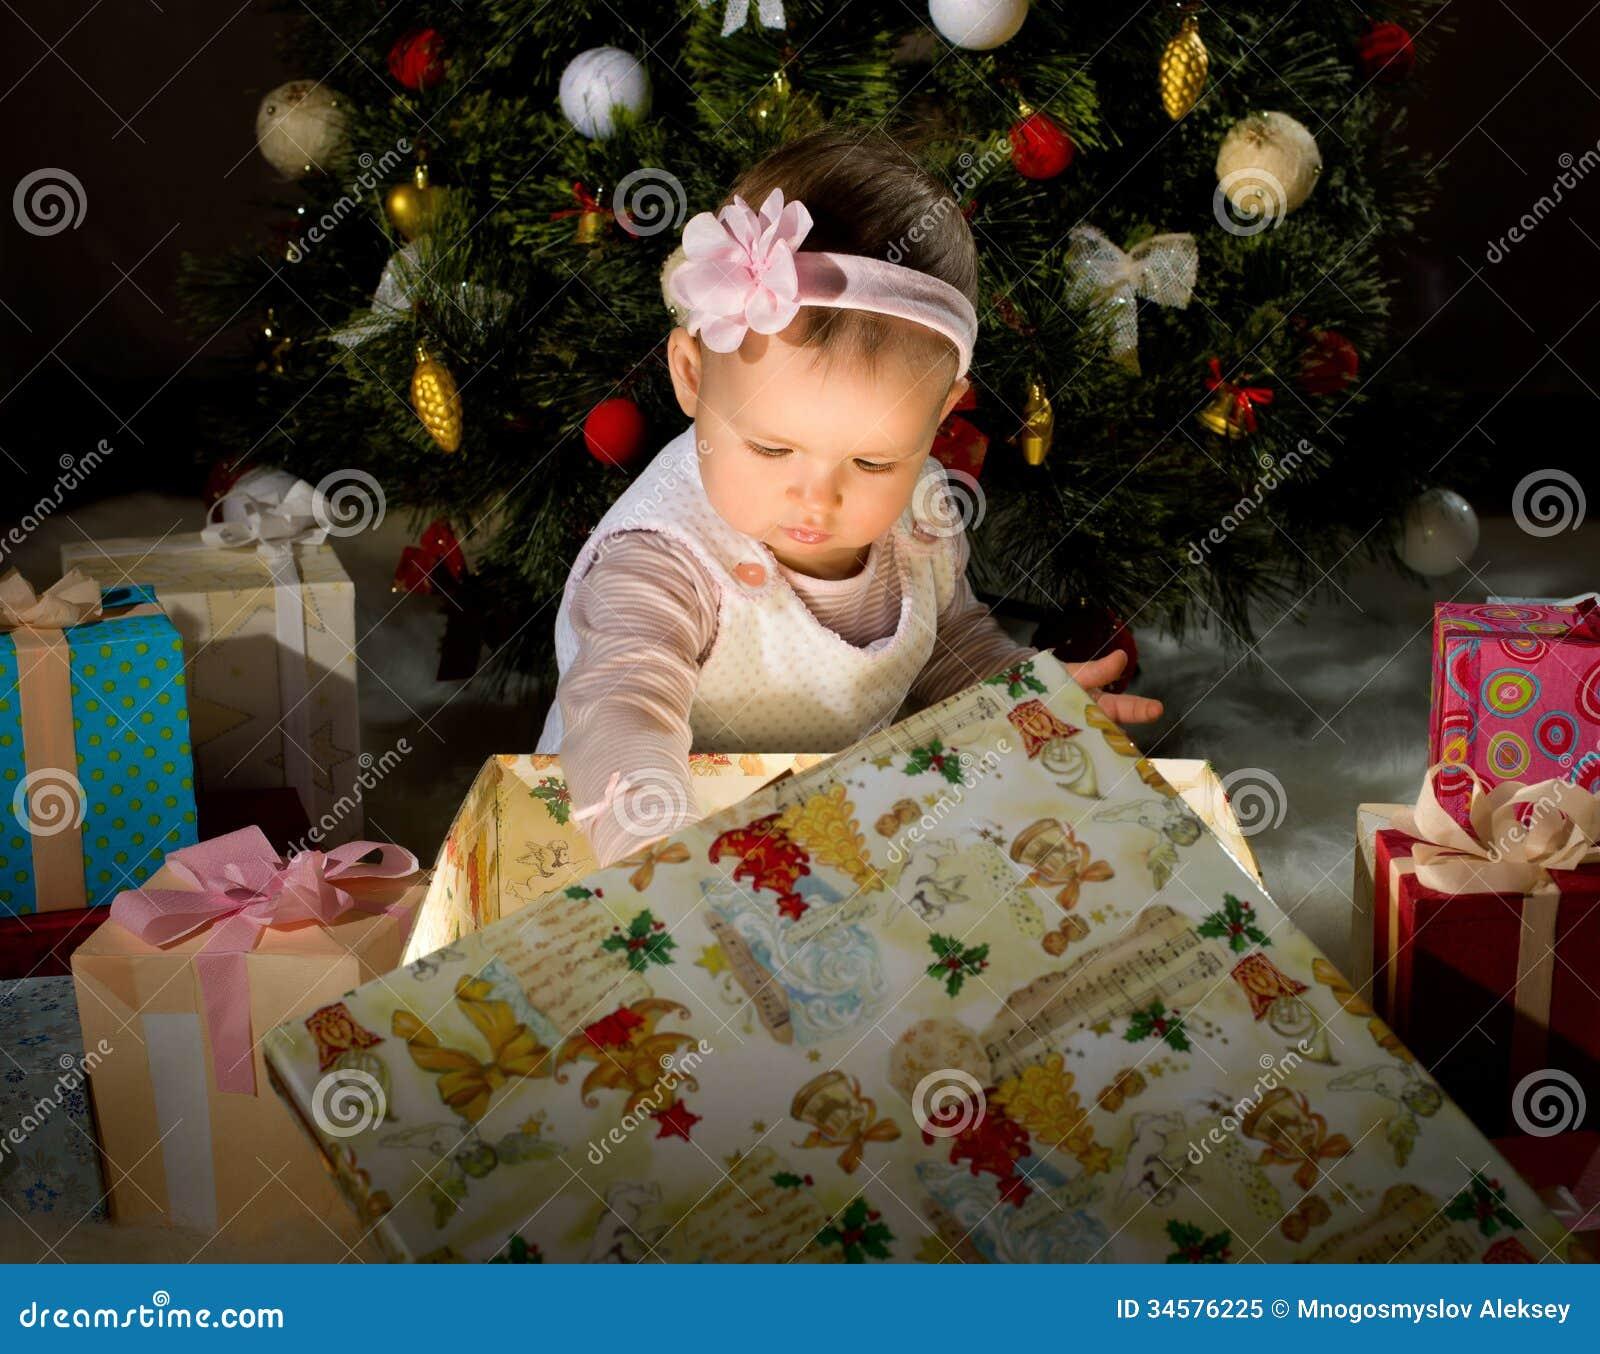 Baby girl stock image. Image of fir, year, small, christmas - 34576225